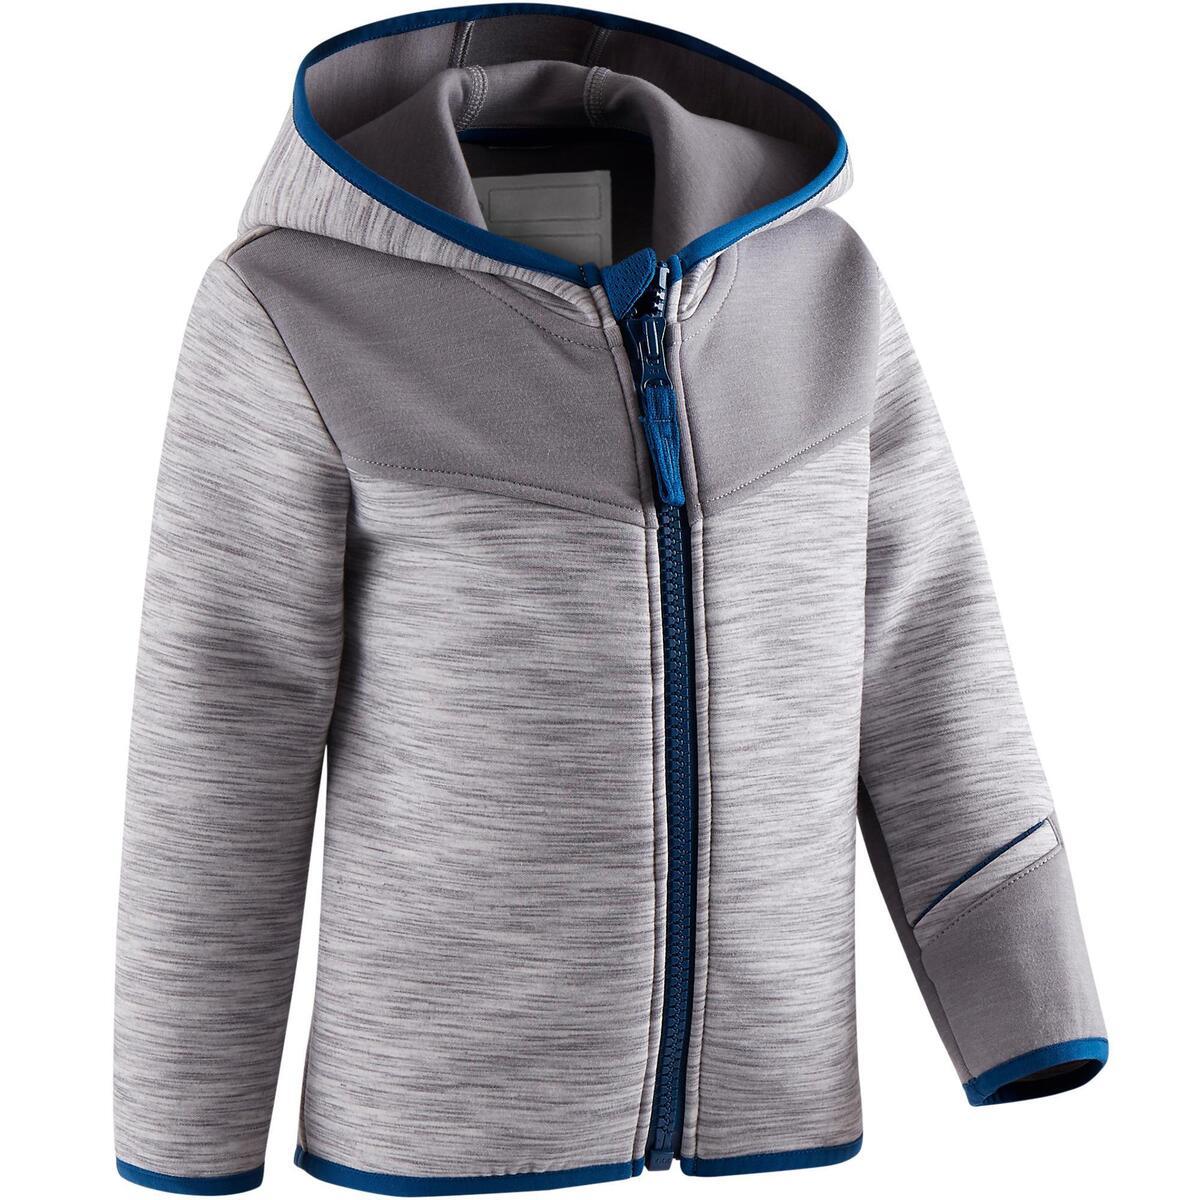 Bild 1 von Kapuzenjacke 500 Babyturnen grau/blau